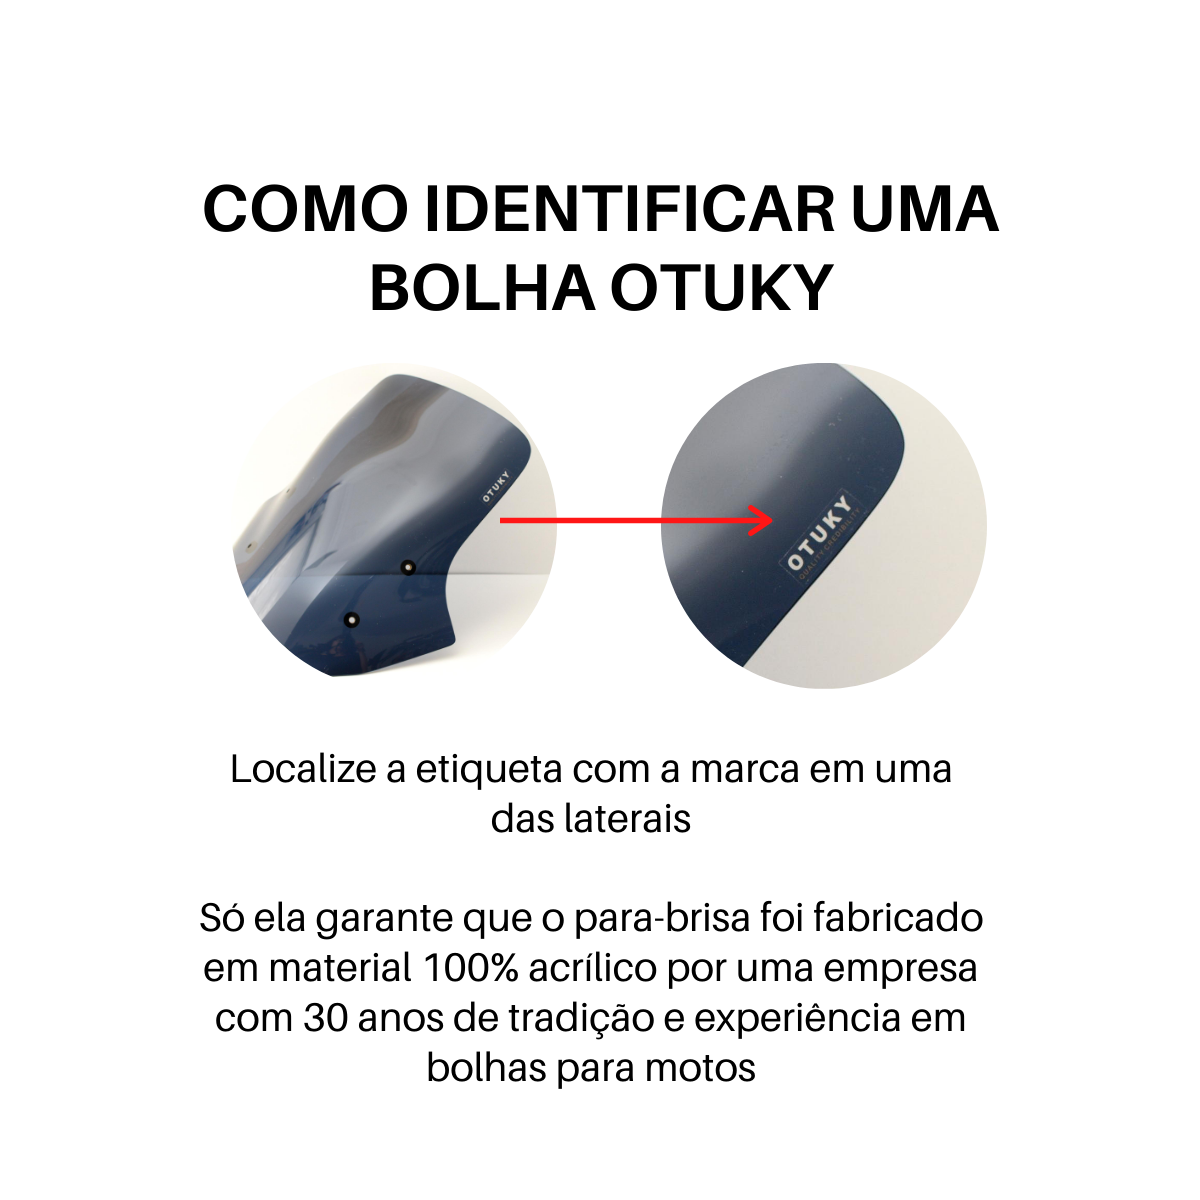 Bolha para Moto Citycom 300i Até 2017 Padrão